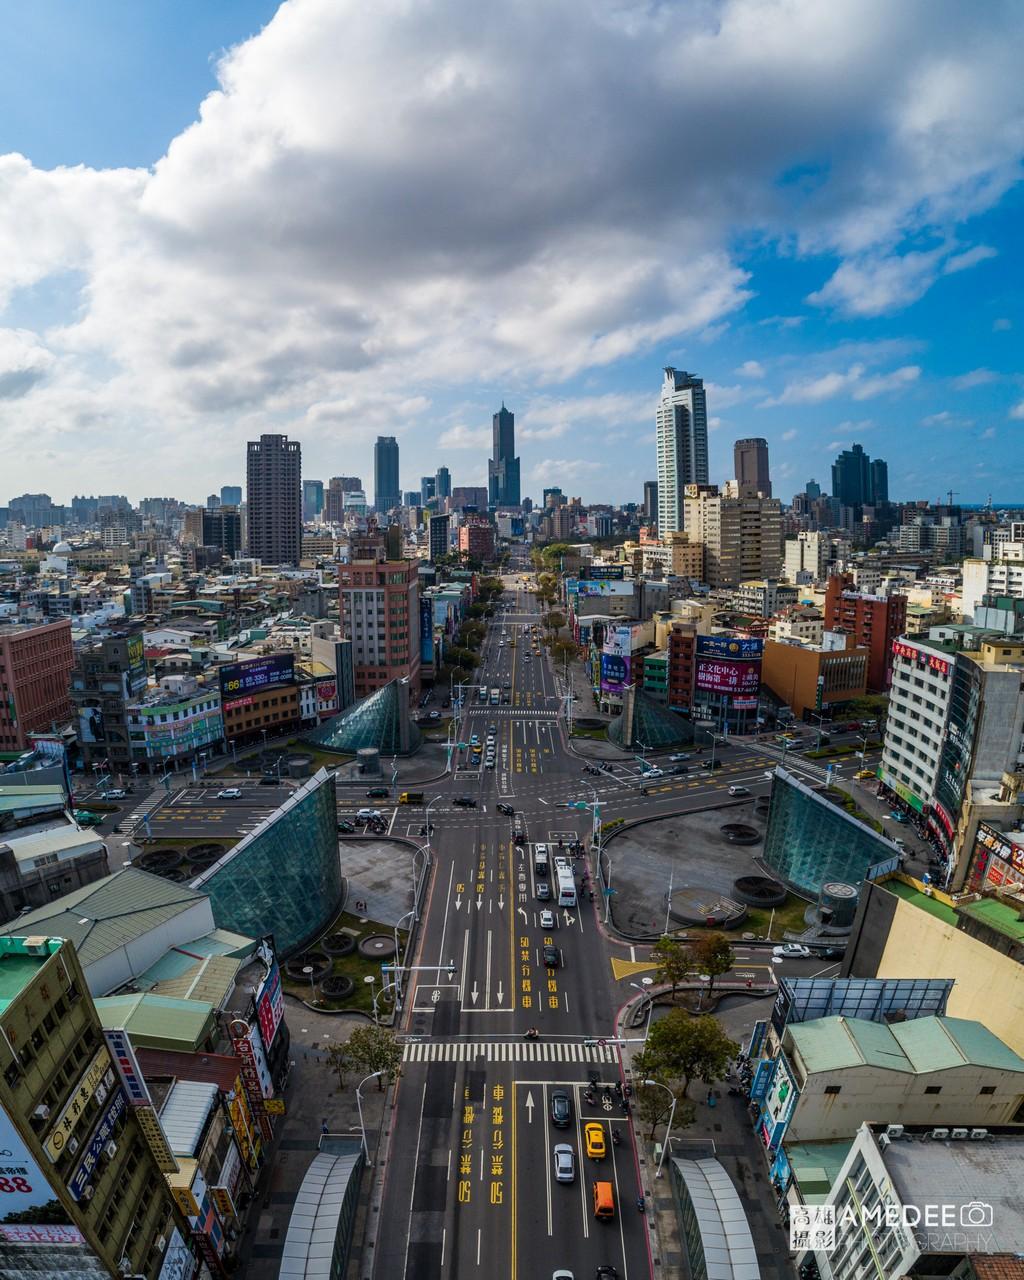 高雄美麗島捷運站(博愛路與中山路口)環境空拍照